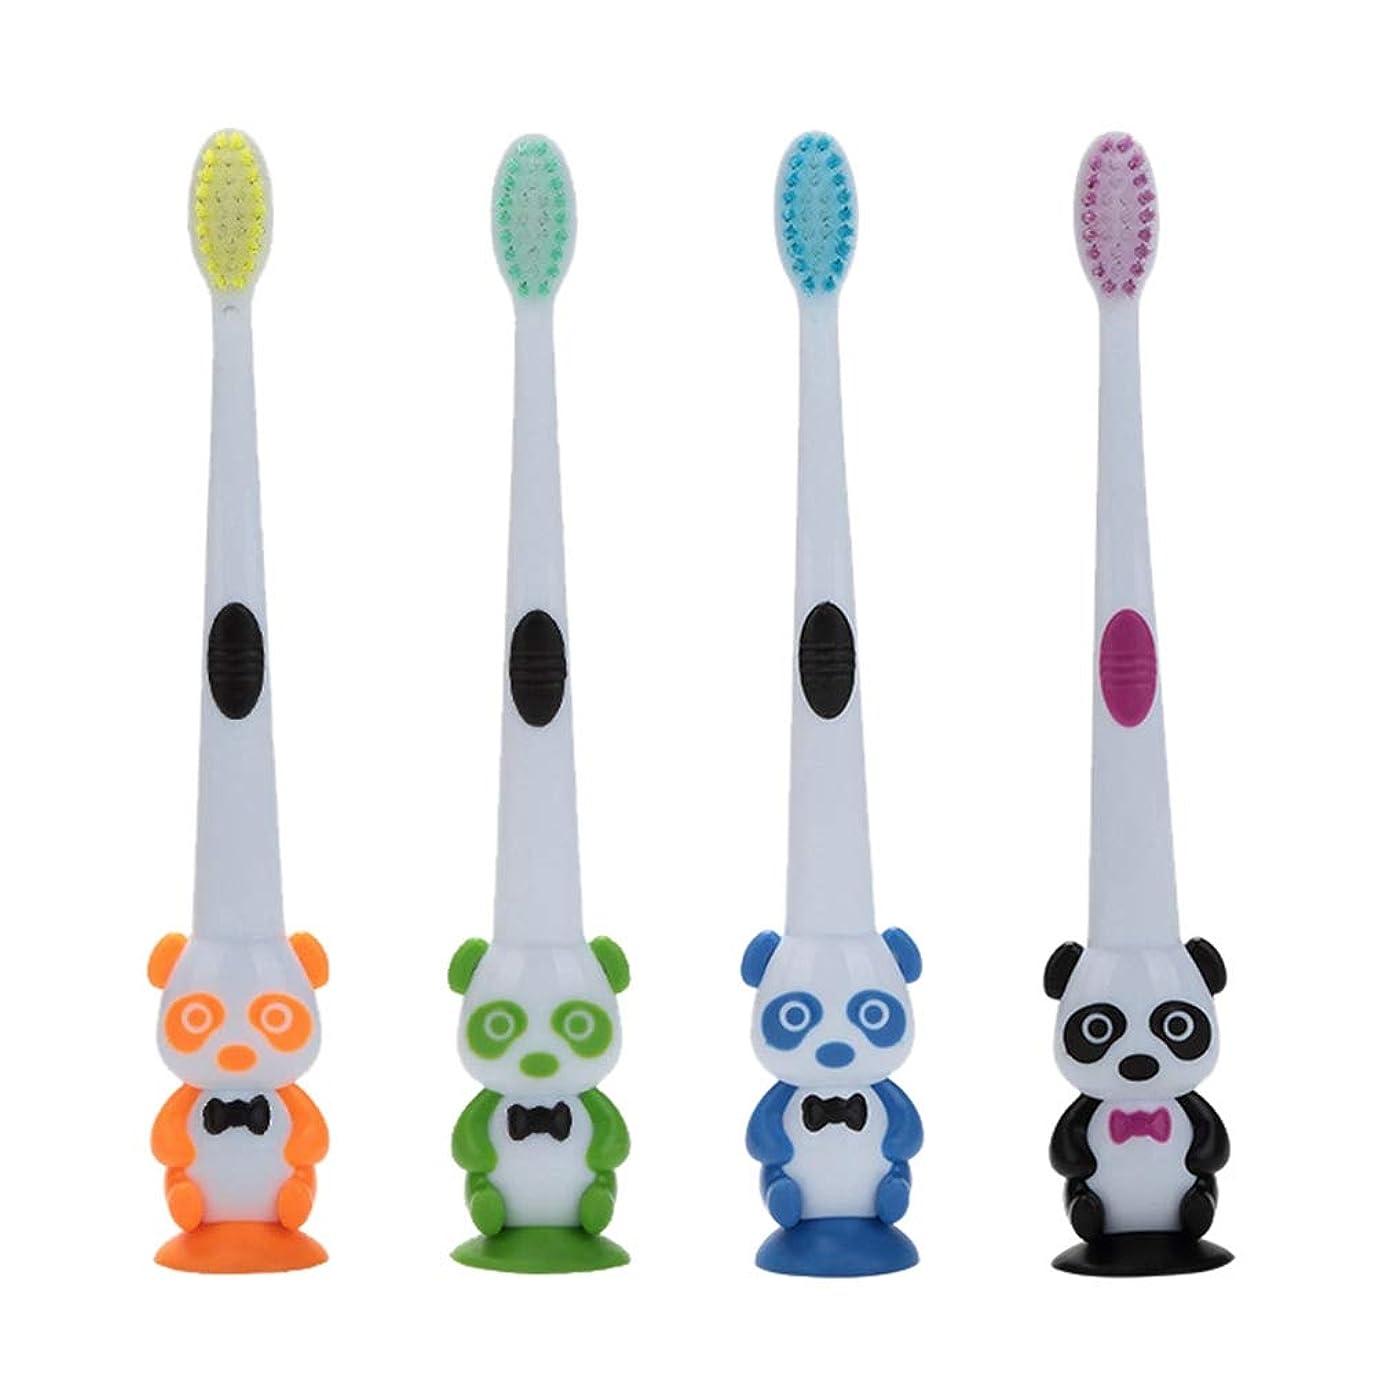 残り物つまらない生き残りますRad子供 赤ちゃん漫画パンダ形状ソフト歯ブラシ子供歯科口腔ケアブラシツール歯ブラシ